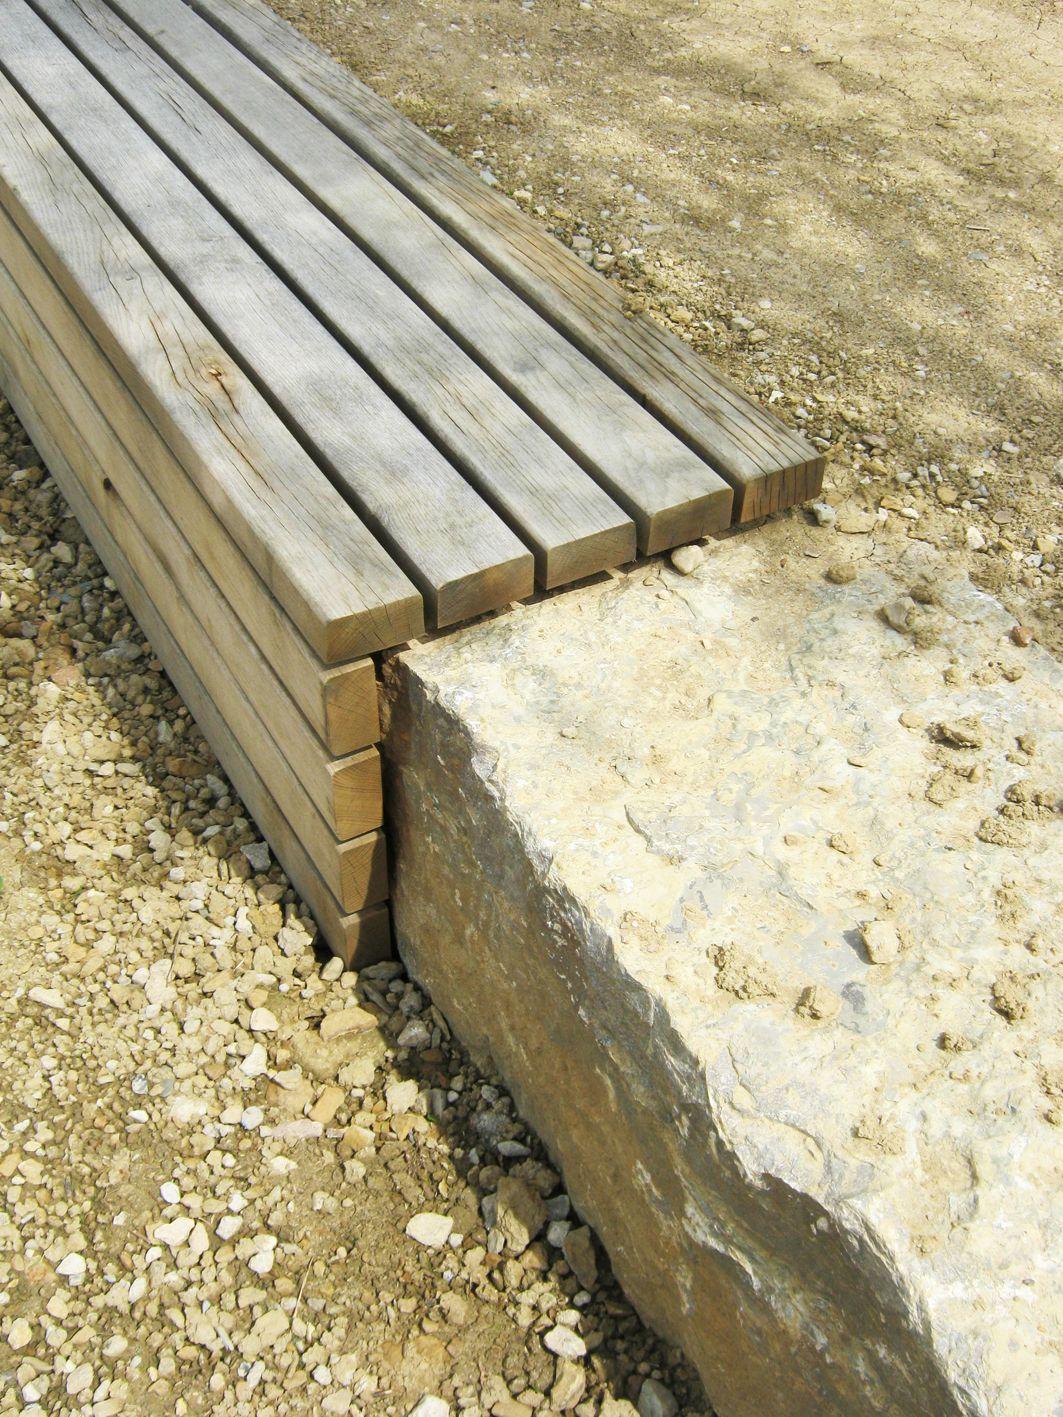 realisation d\'un muret en pierre et banc en bois dans un parc public ...